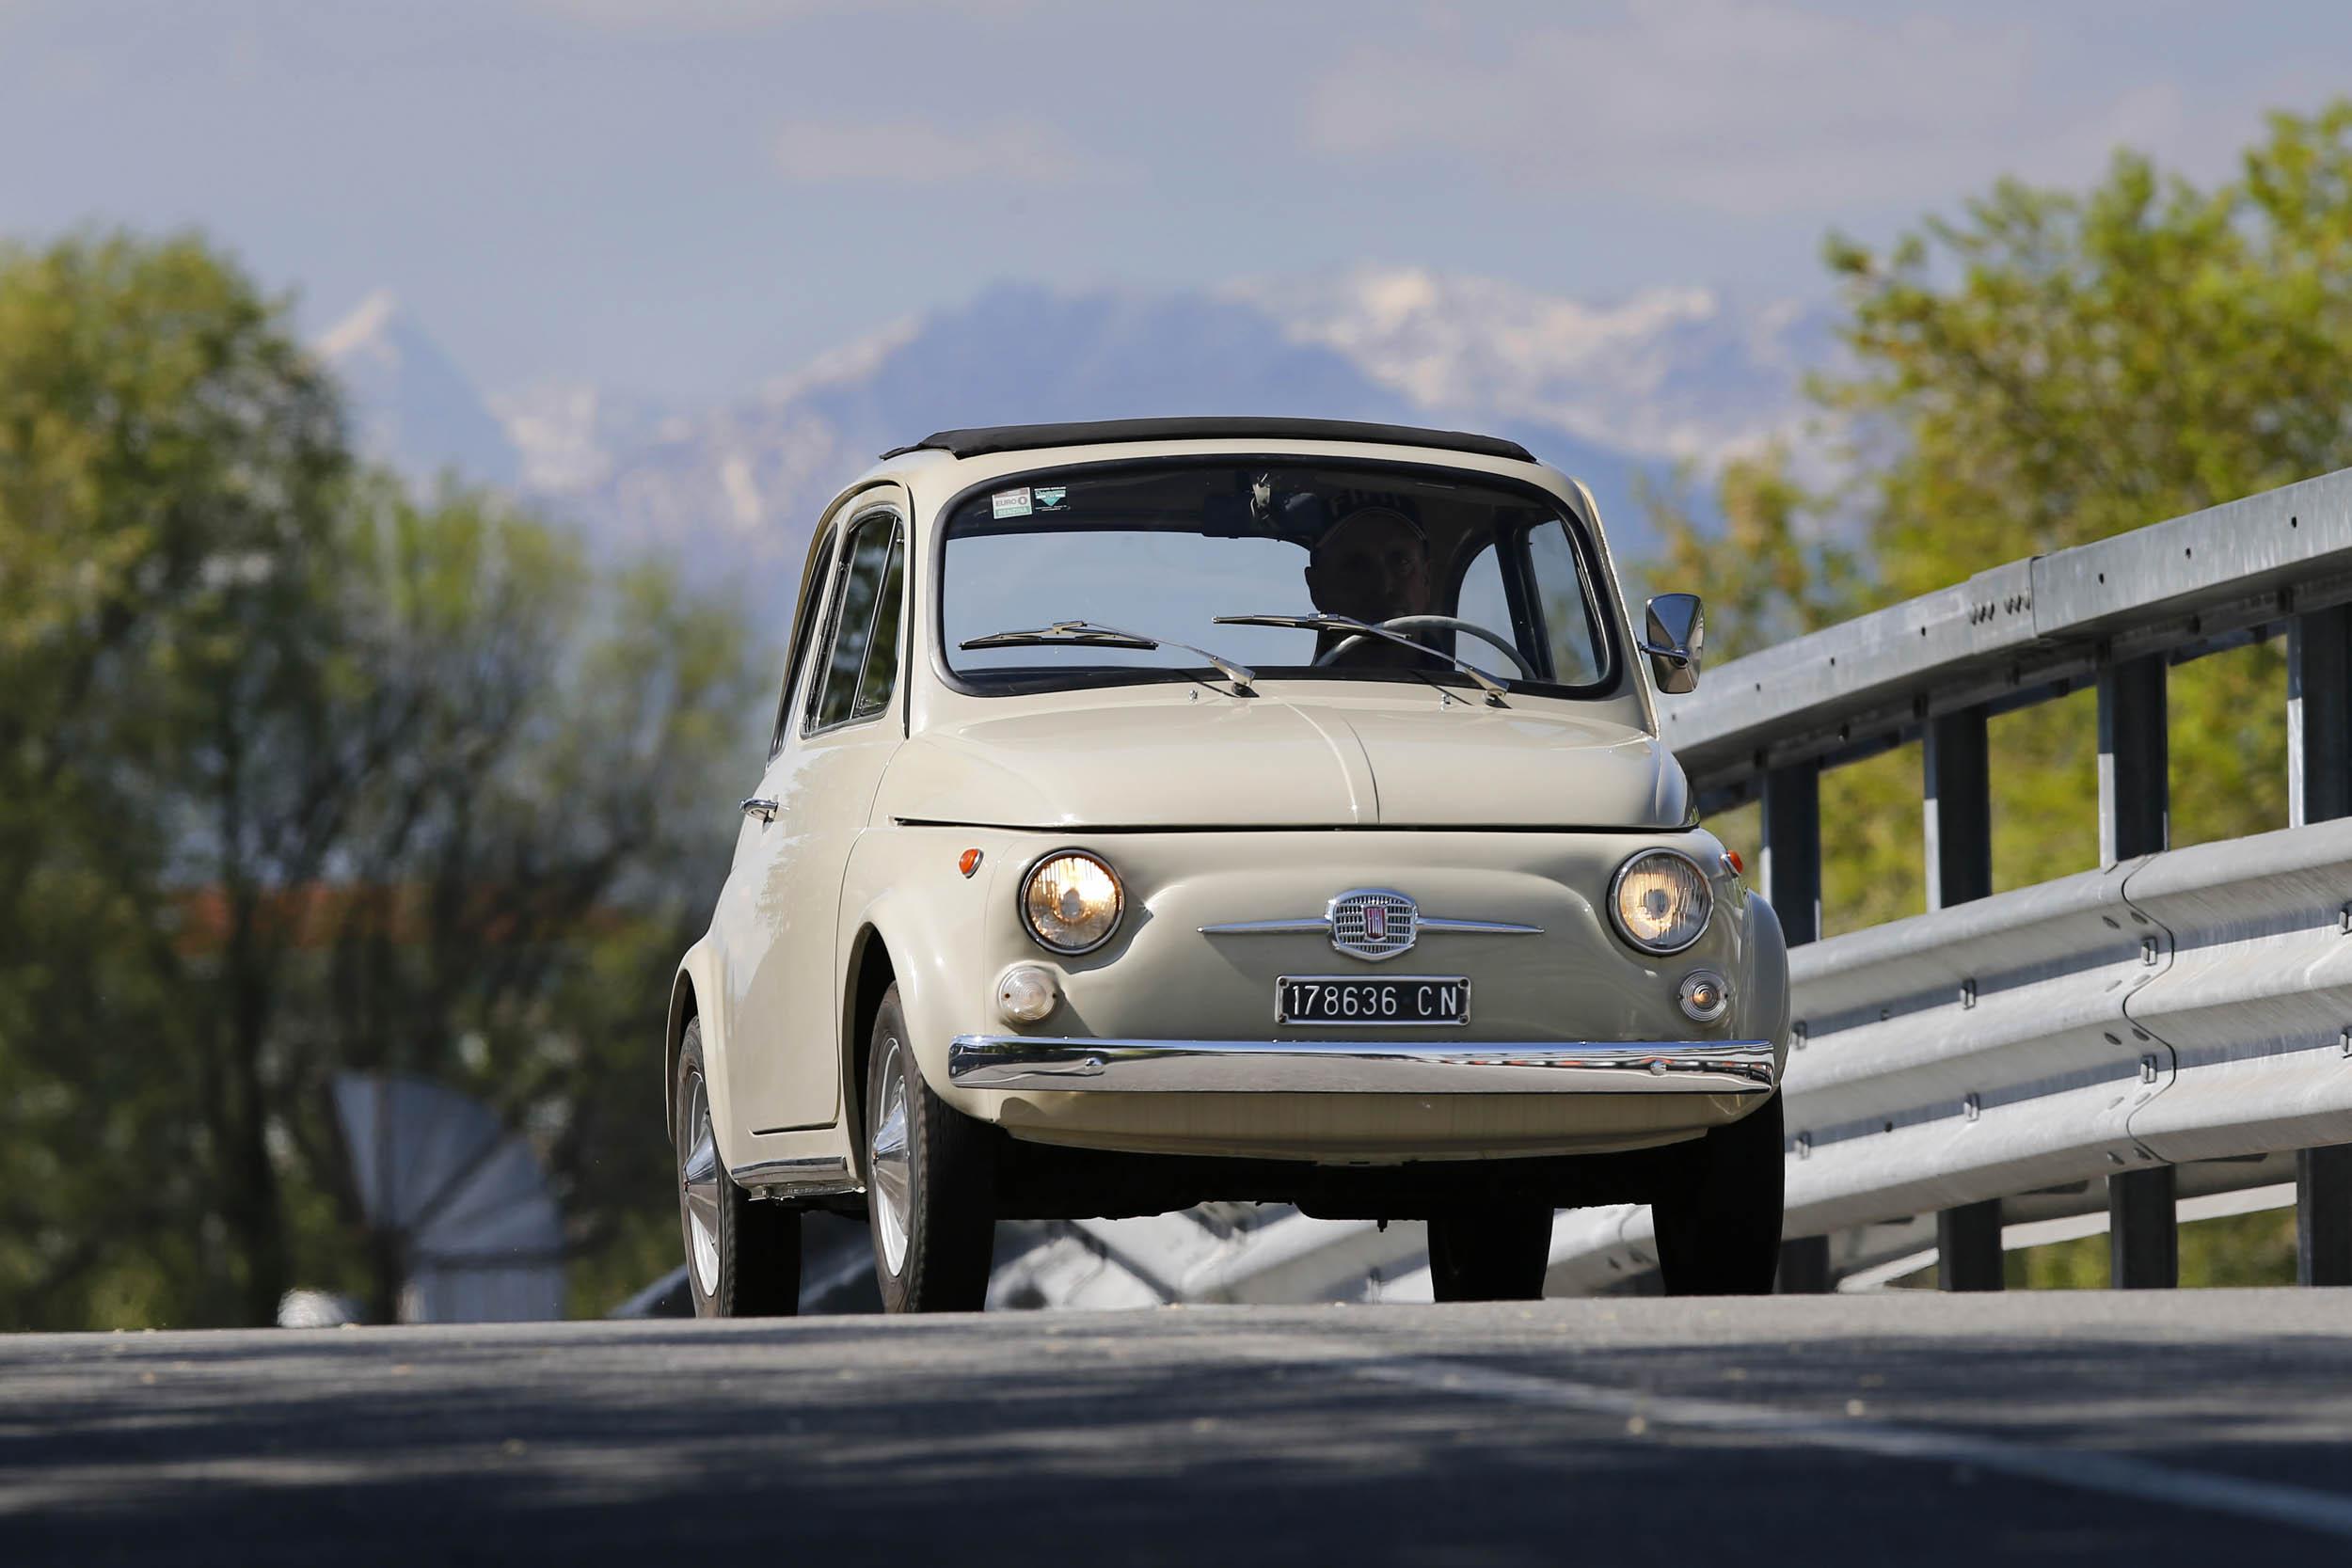 FIAT 500 F driving